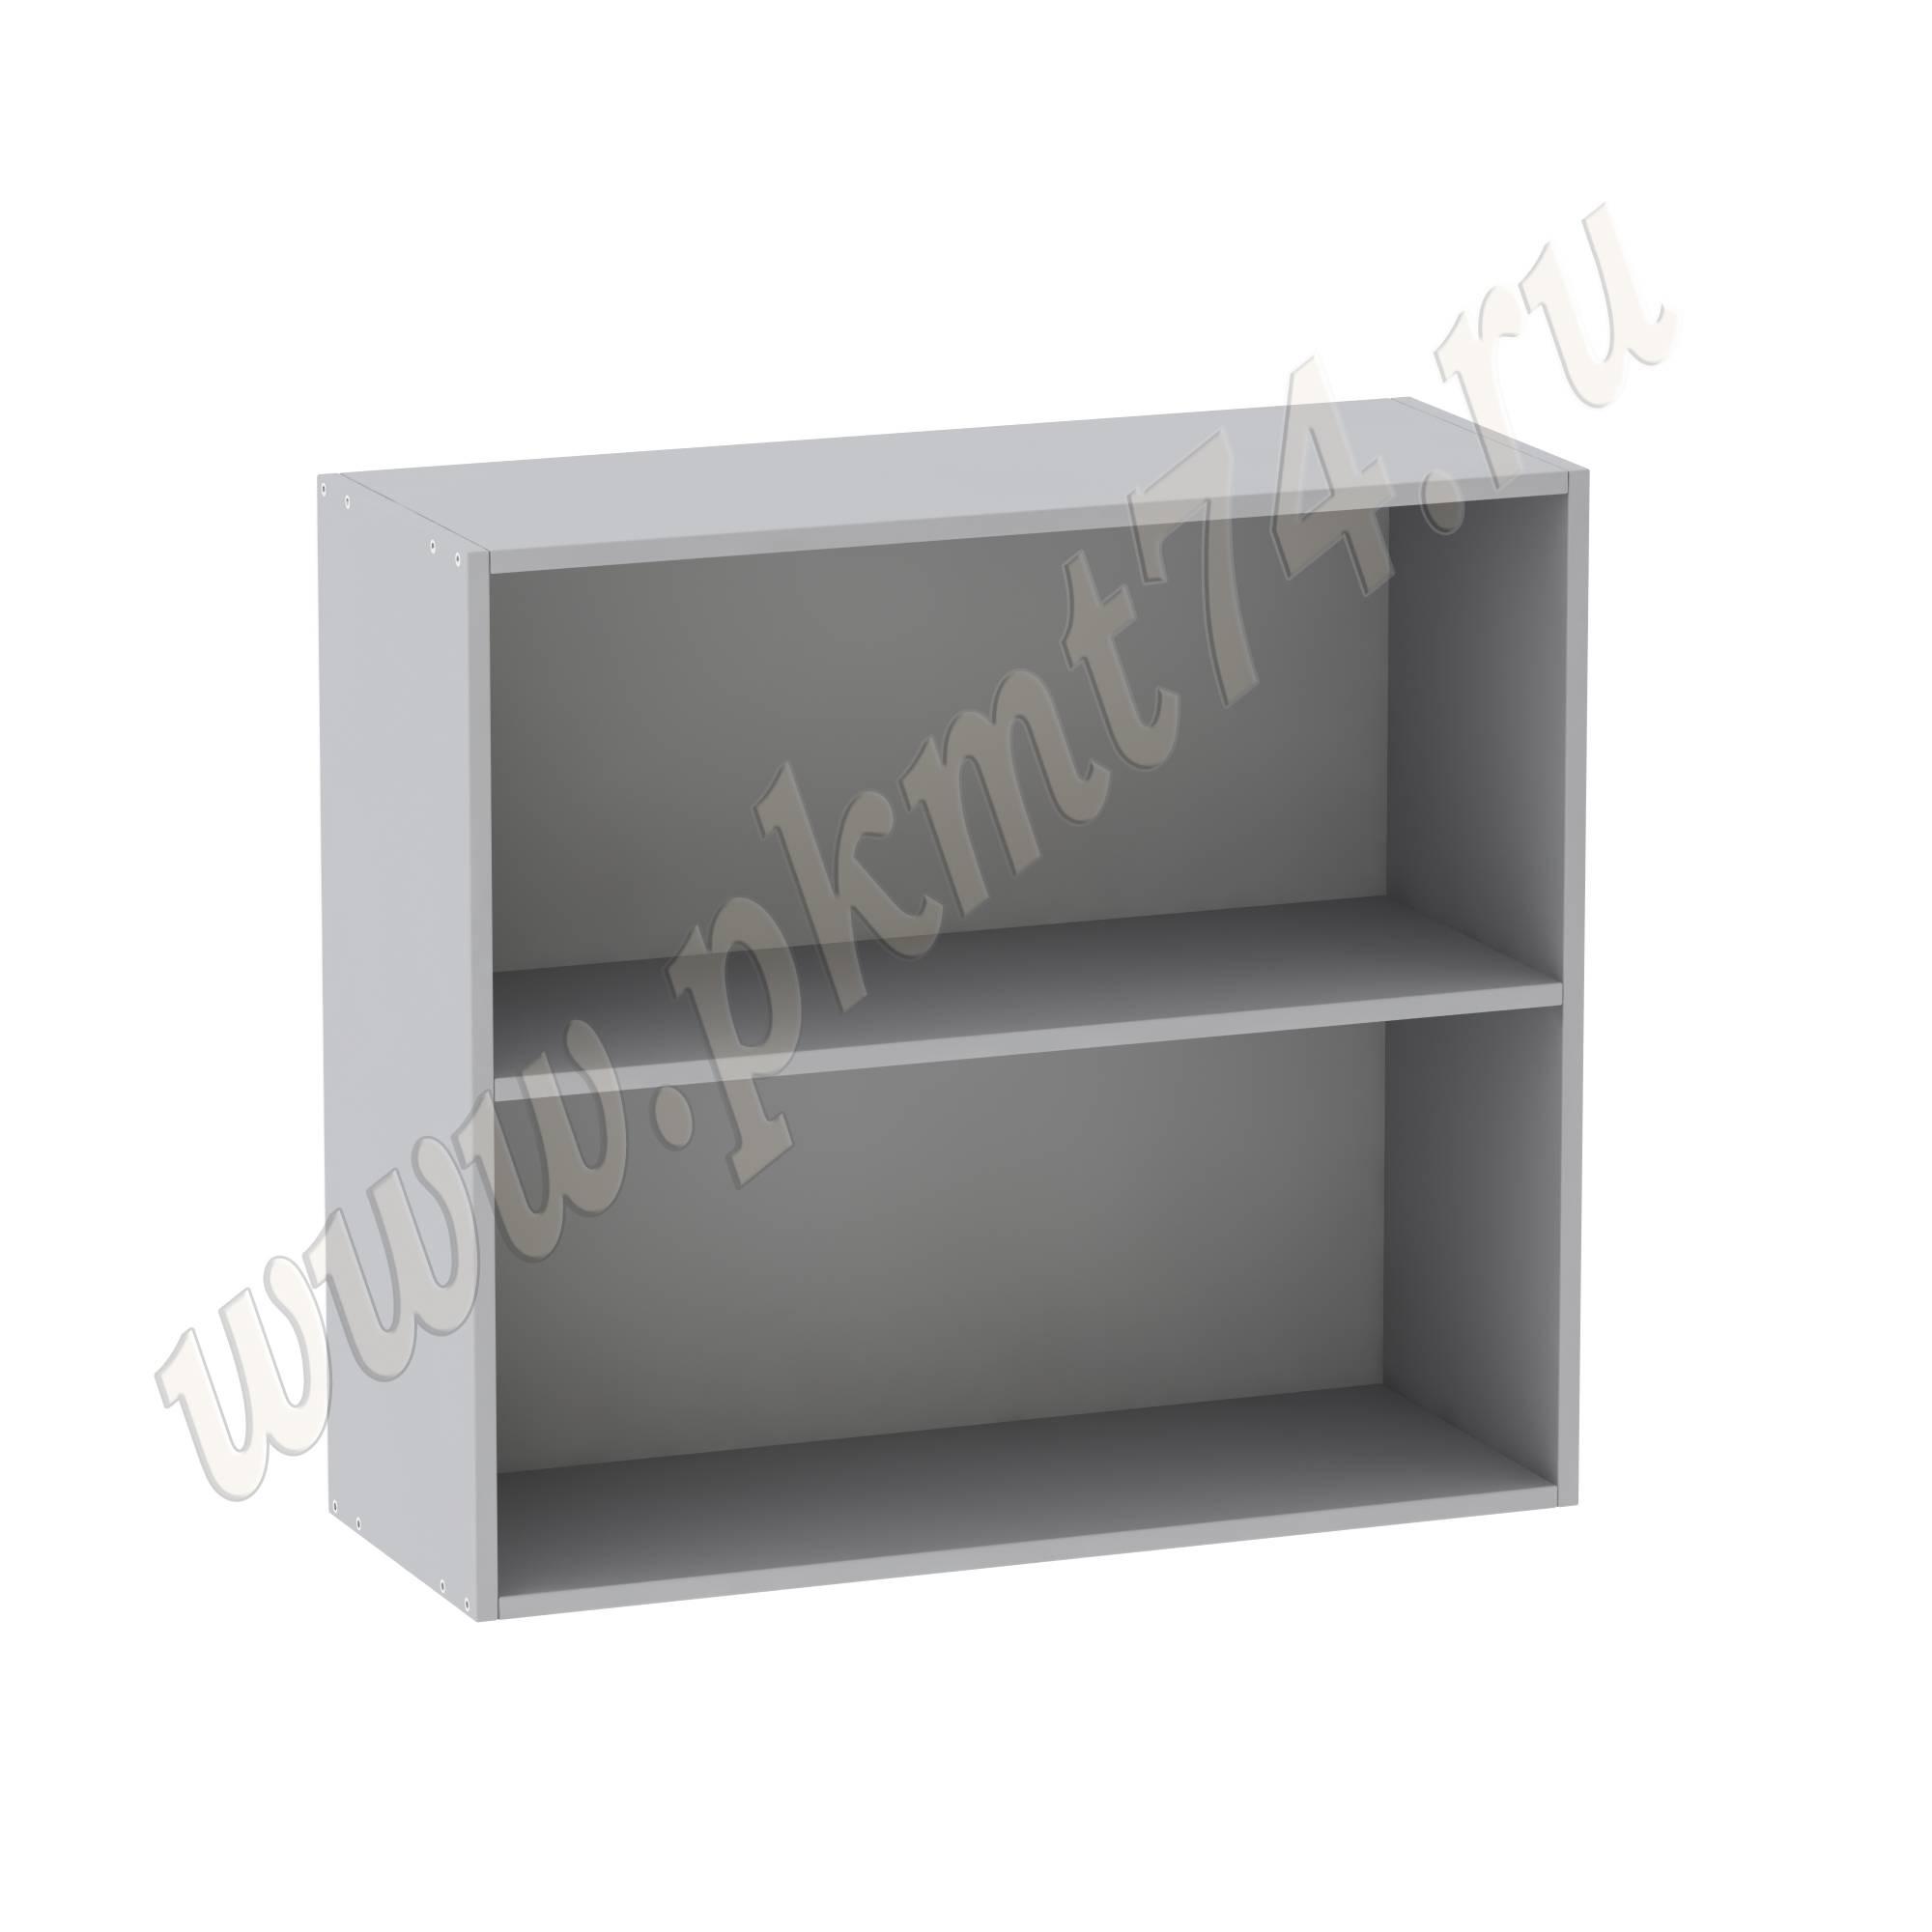 Корпус кухонного шкафа навесного с полкой МТ 32-2